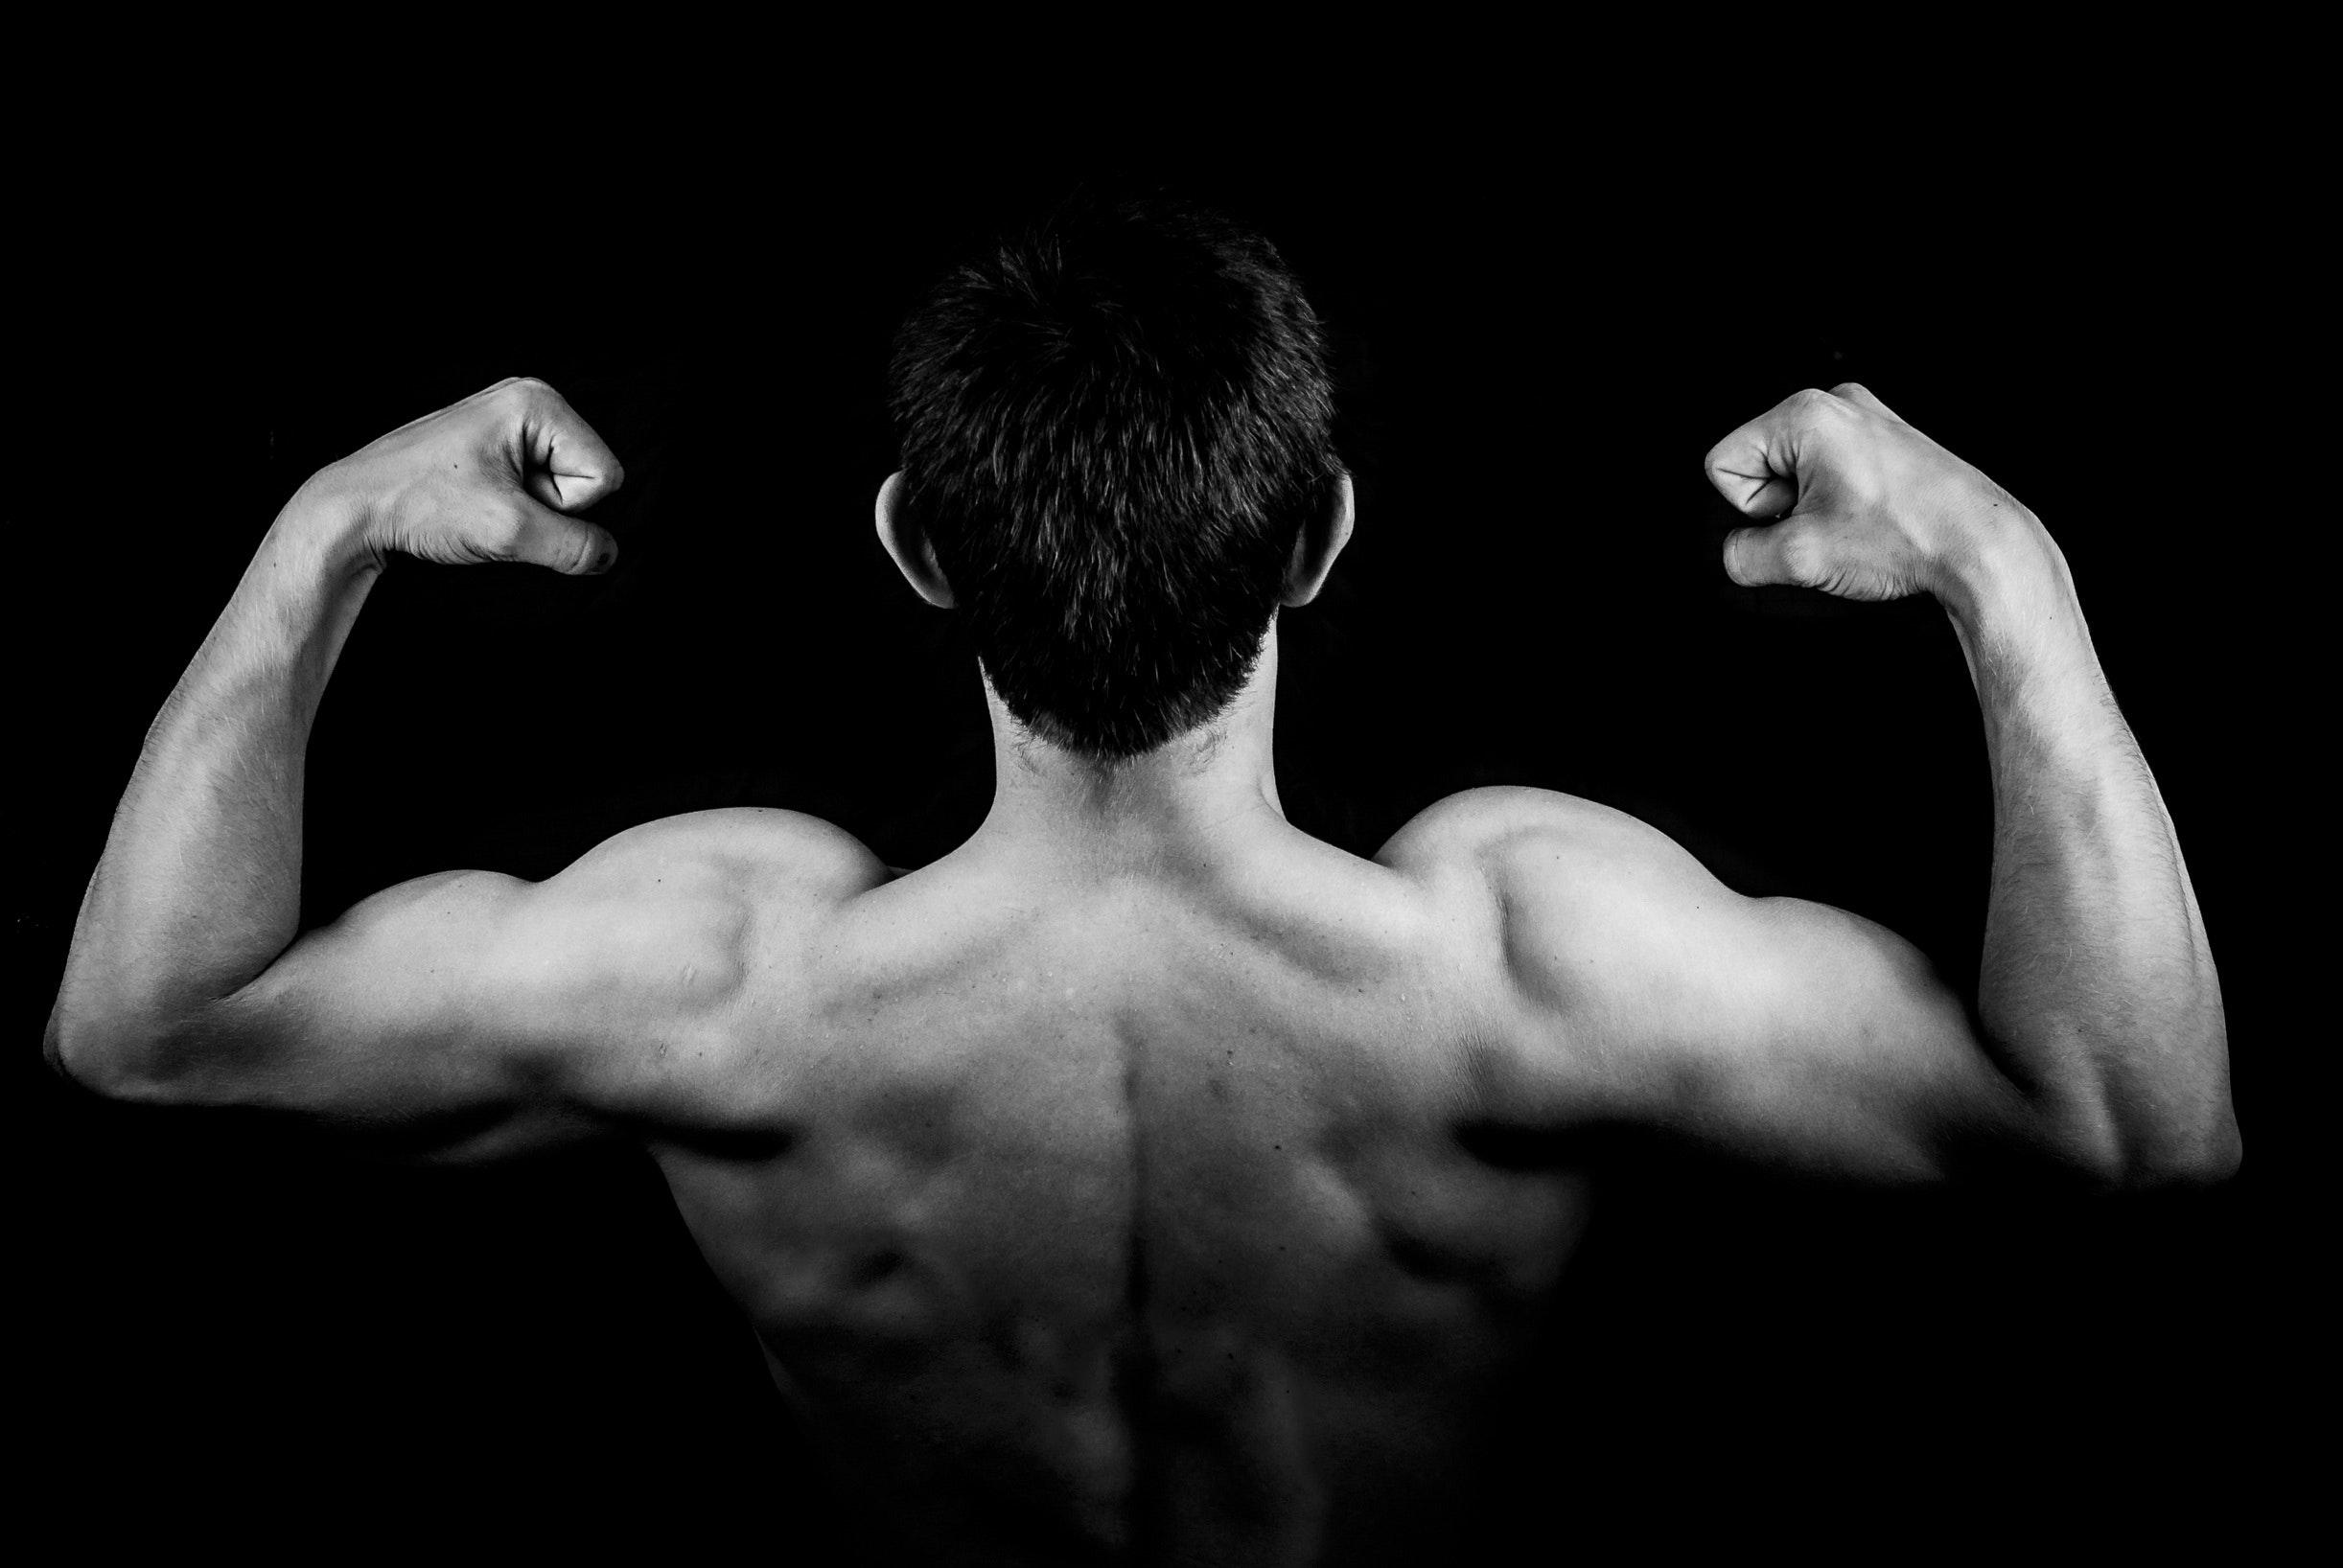 muscle flex